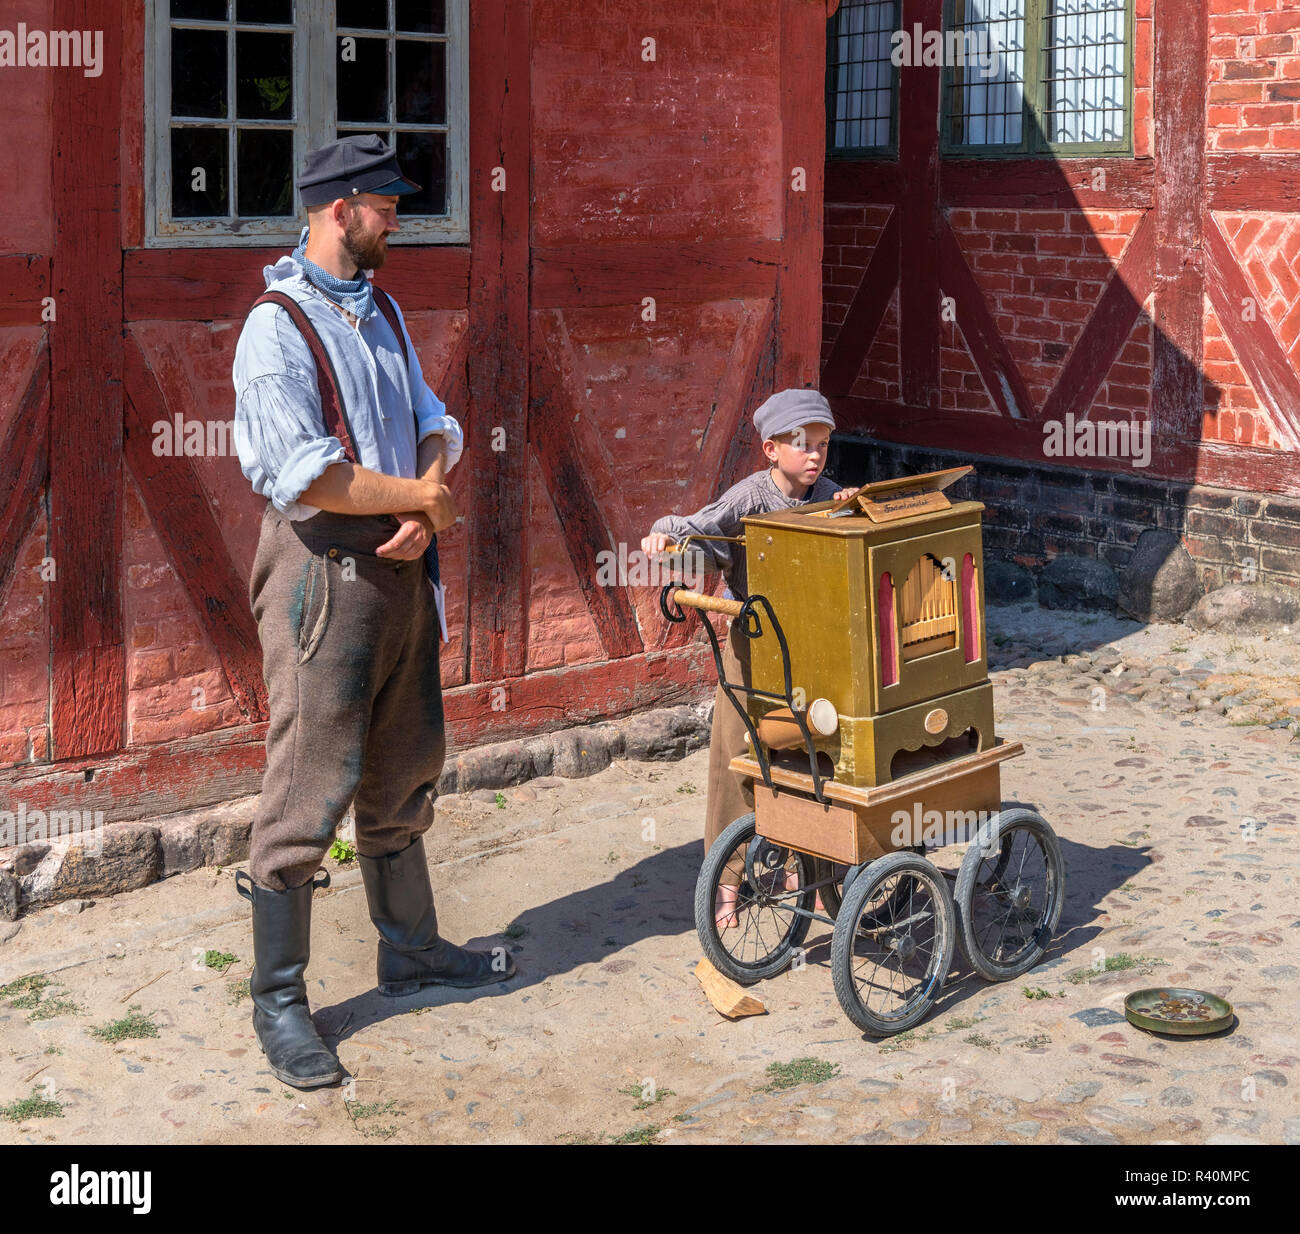 Mann und Junge in historischen Kostümen spielen Drehorgel, Marktplatz (Torvet), der Altstadt (Den Gamle By), ein Freilichtmuseum in Århus, Dänemark Stockbild